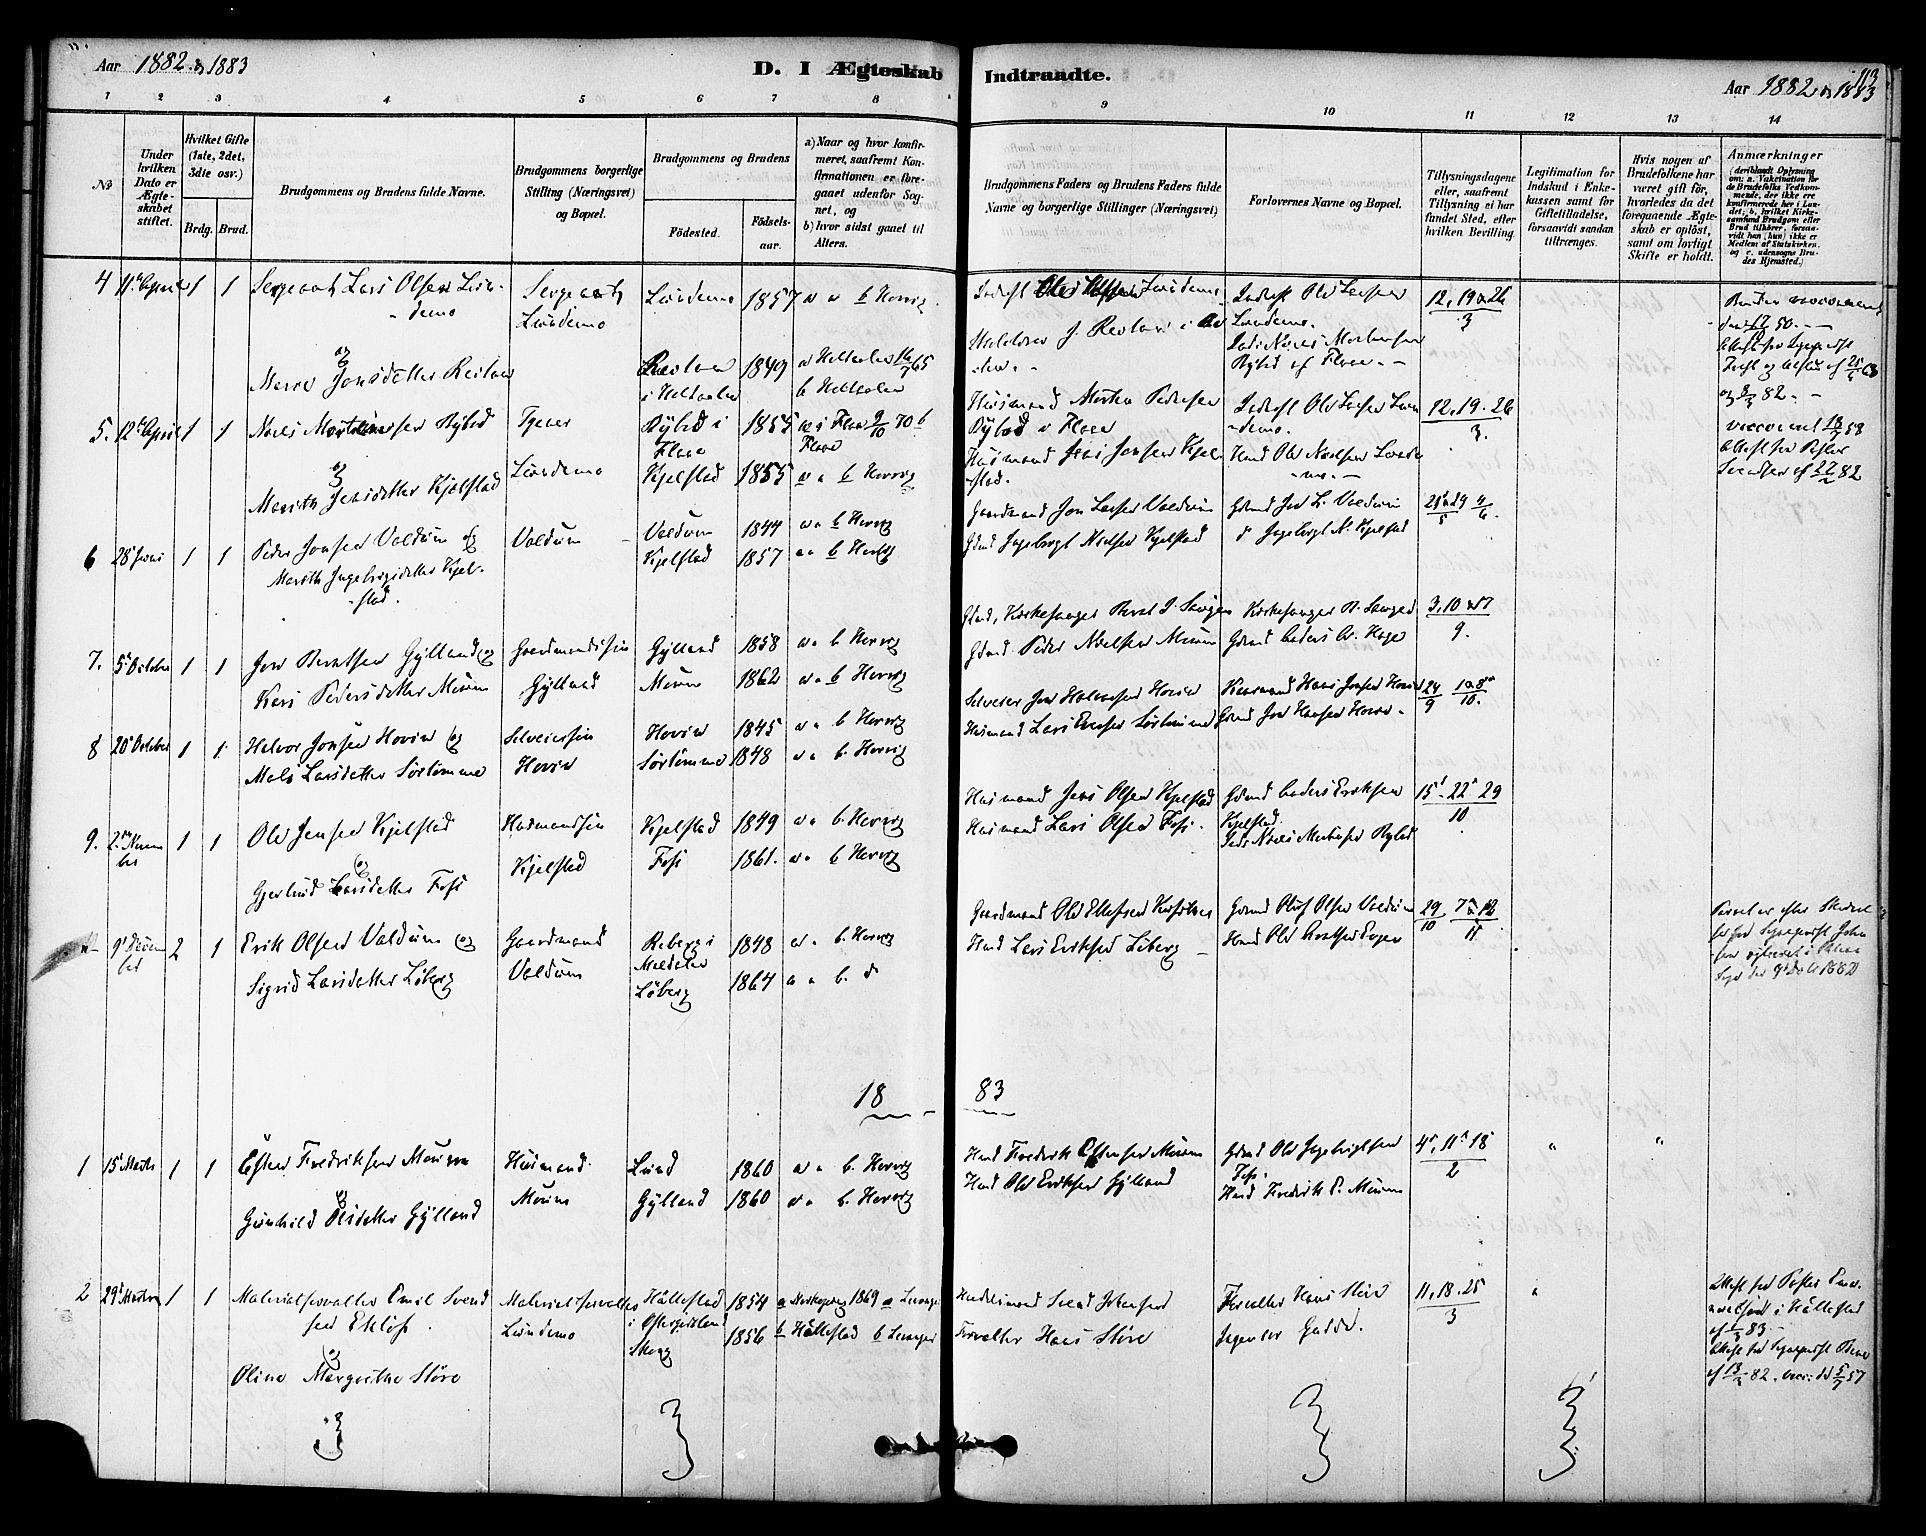 SAT, Ministerialprotokoller, klokkerbøker og fødselsregistre - Sør-Trøndelag, 692/L1105: Ministerialbok nr. 692A05, 1878-1890, s. 113